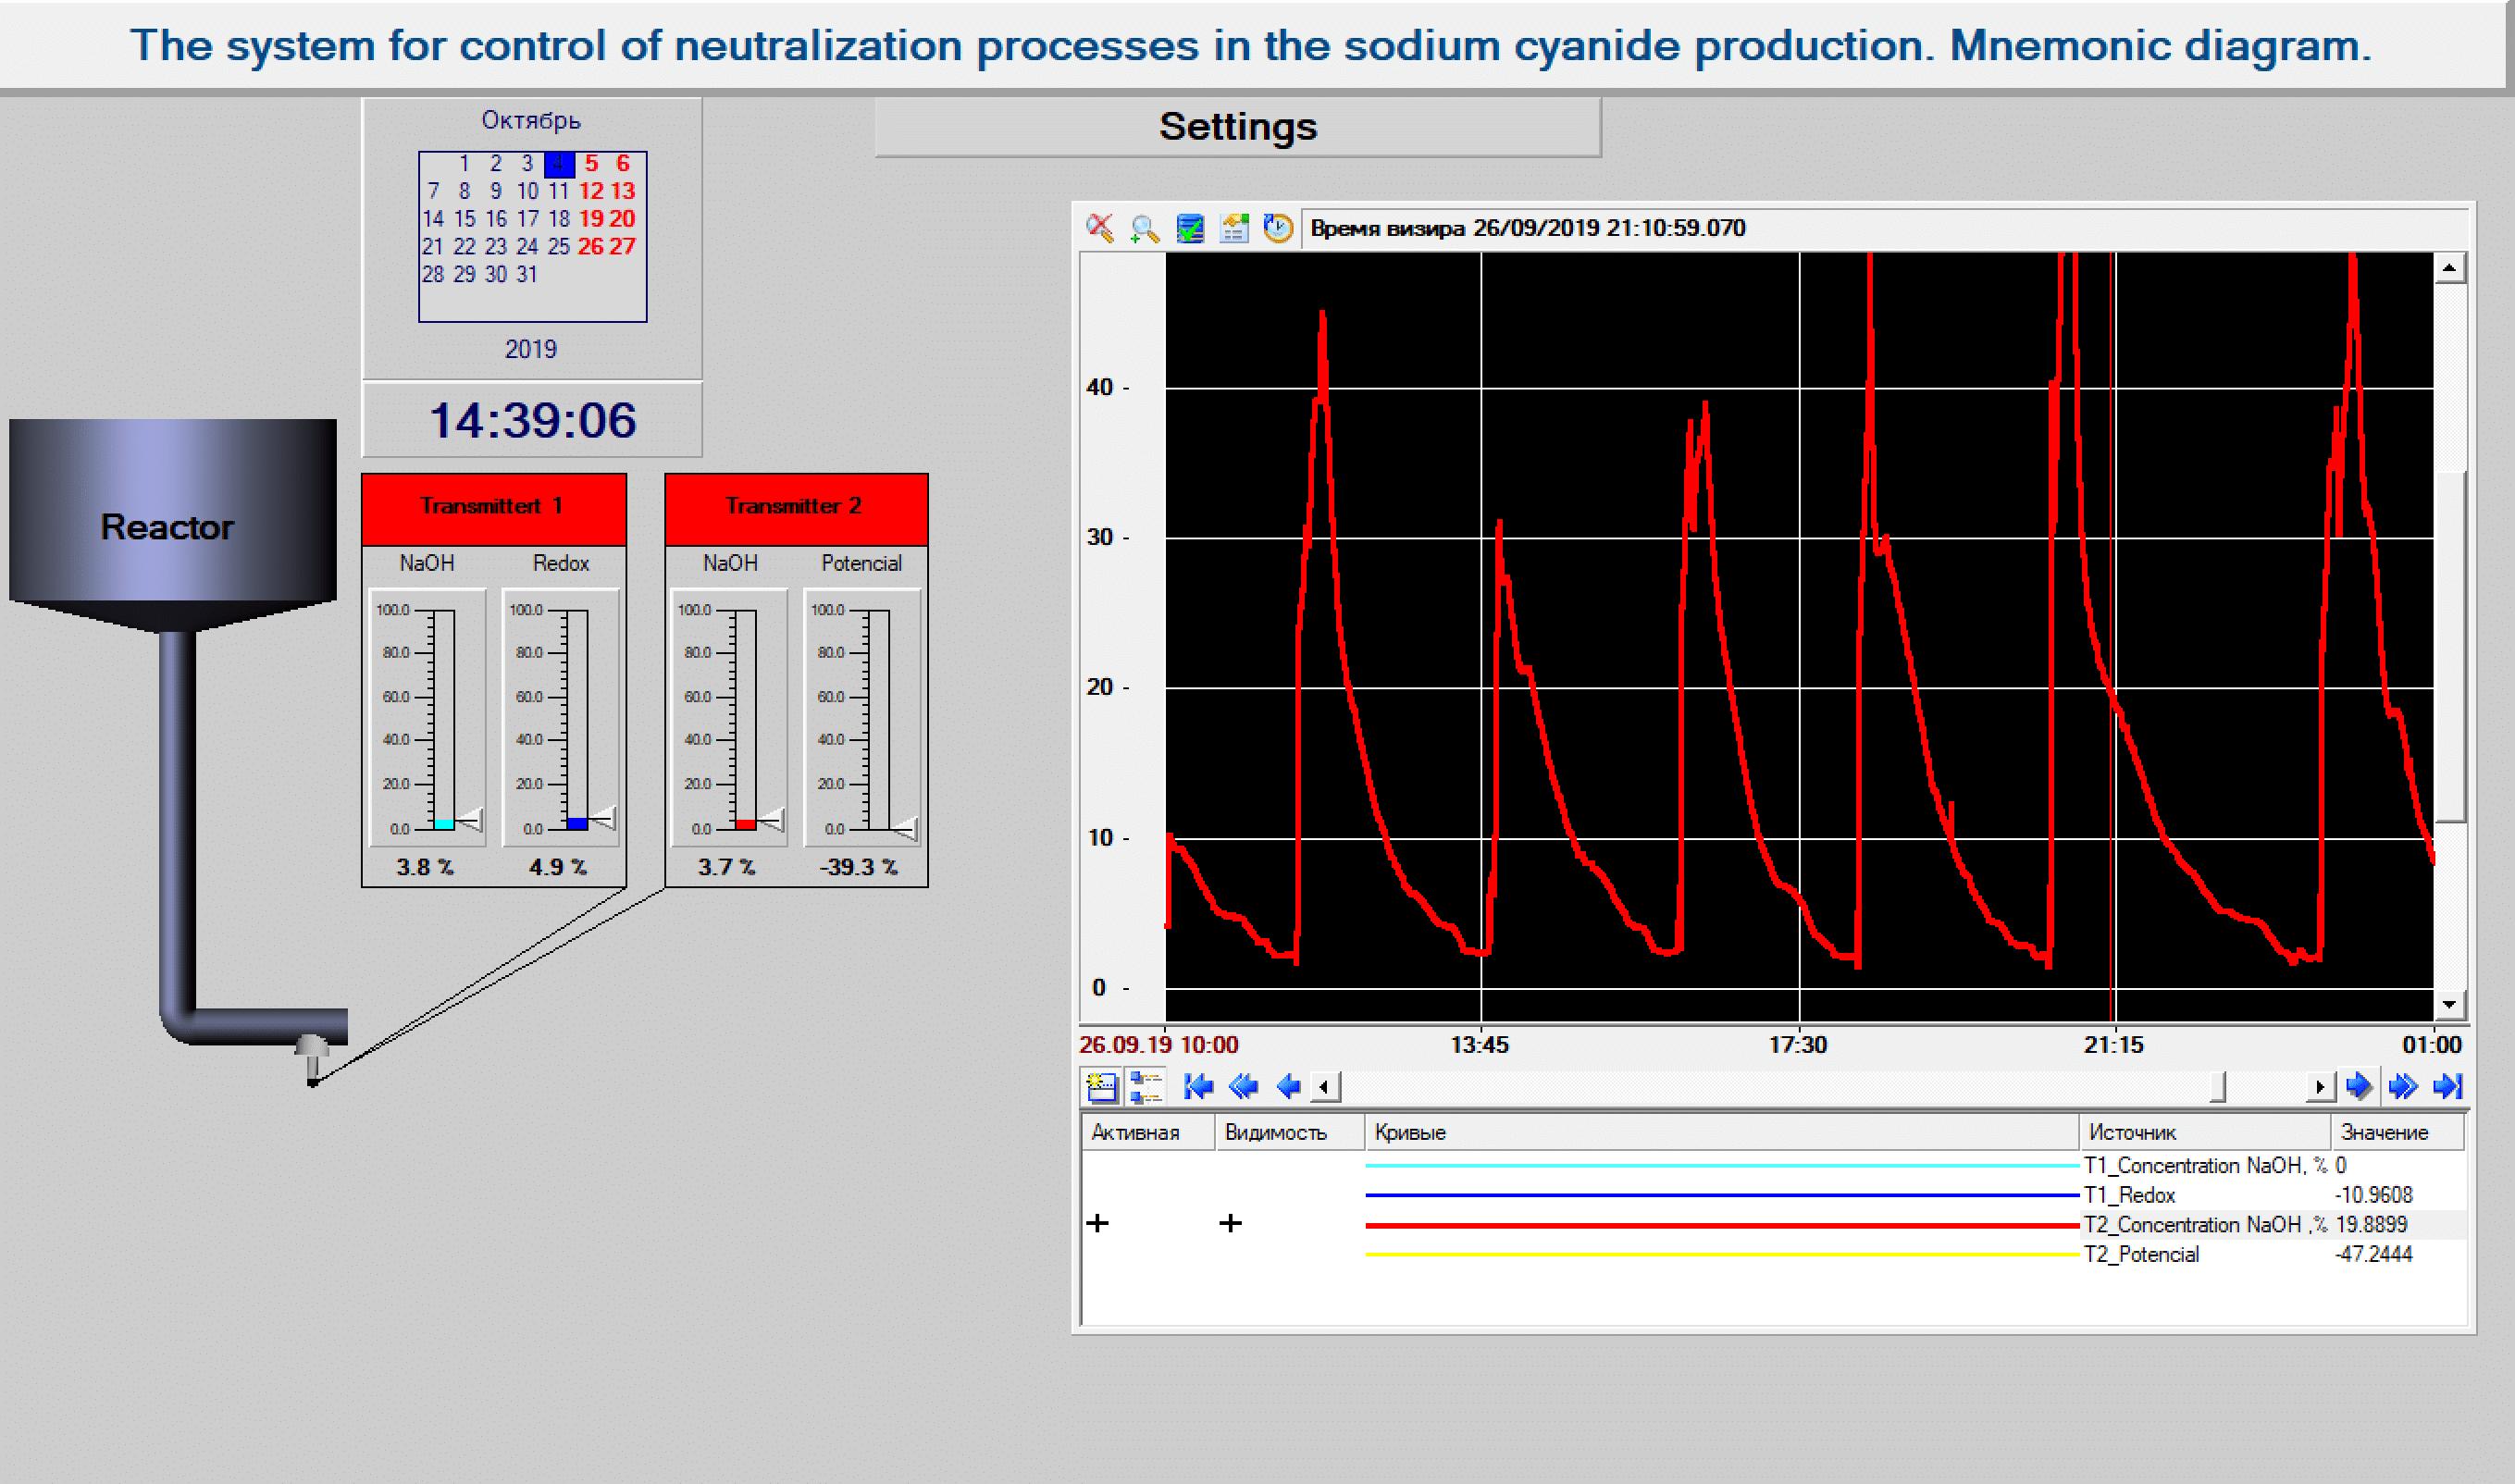 Система контроля и регулирования процессов нейтрализации в производстве циансолей